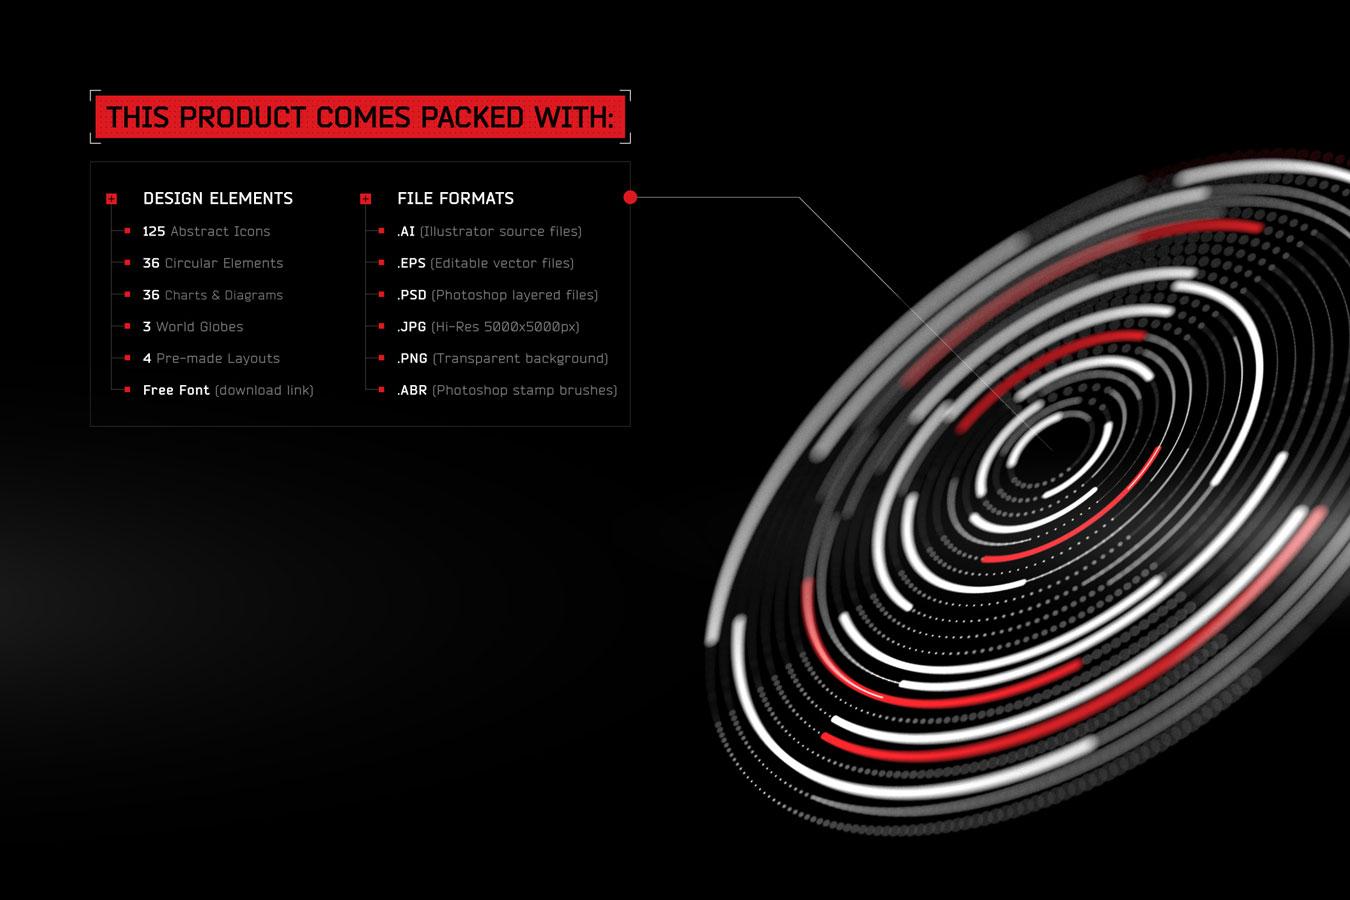 超炫酷科幻航空航天数据信息HUD仪表盘UI设计模板套件 Futuristic UI Kit • 200+ Design Elements插图(8)